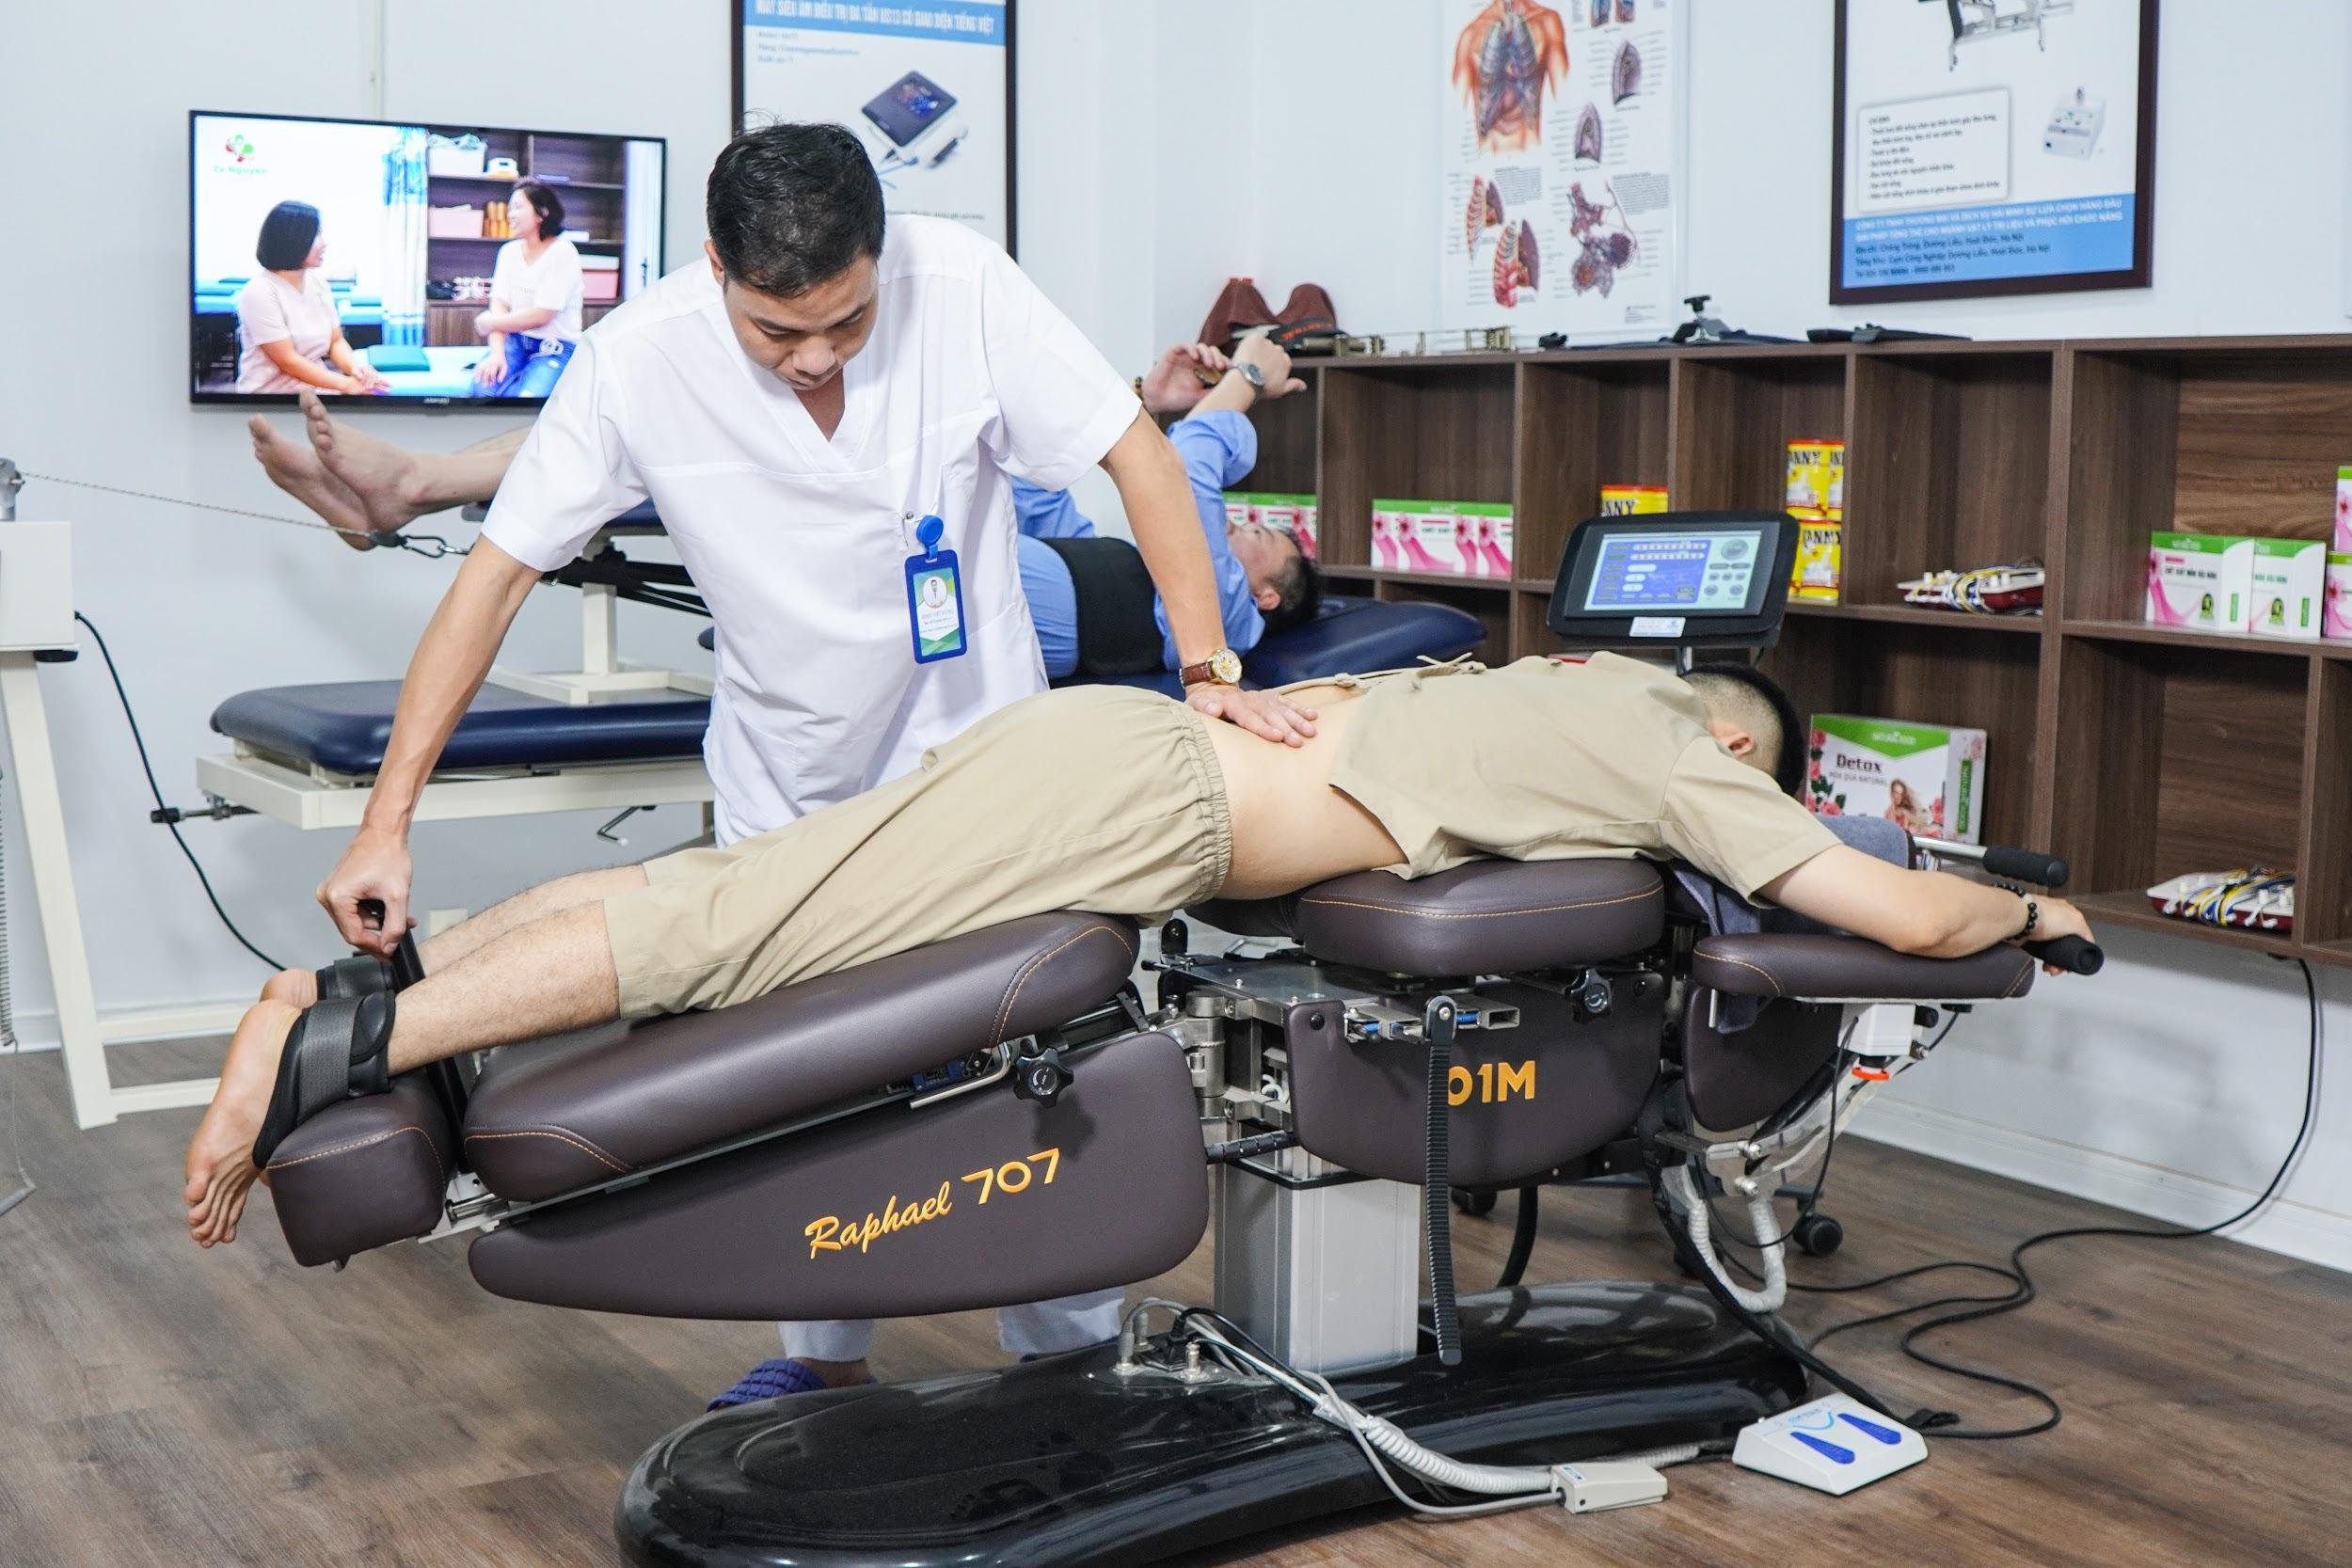 Bác sĩ chuyên khoa 1 Đinh Việt Hùng mở ra kỳ tích y khoa từ phương pháp mới trong điều trị bệnh cơ xương khớp - Ảnh 3